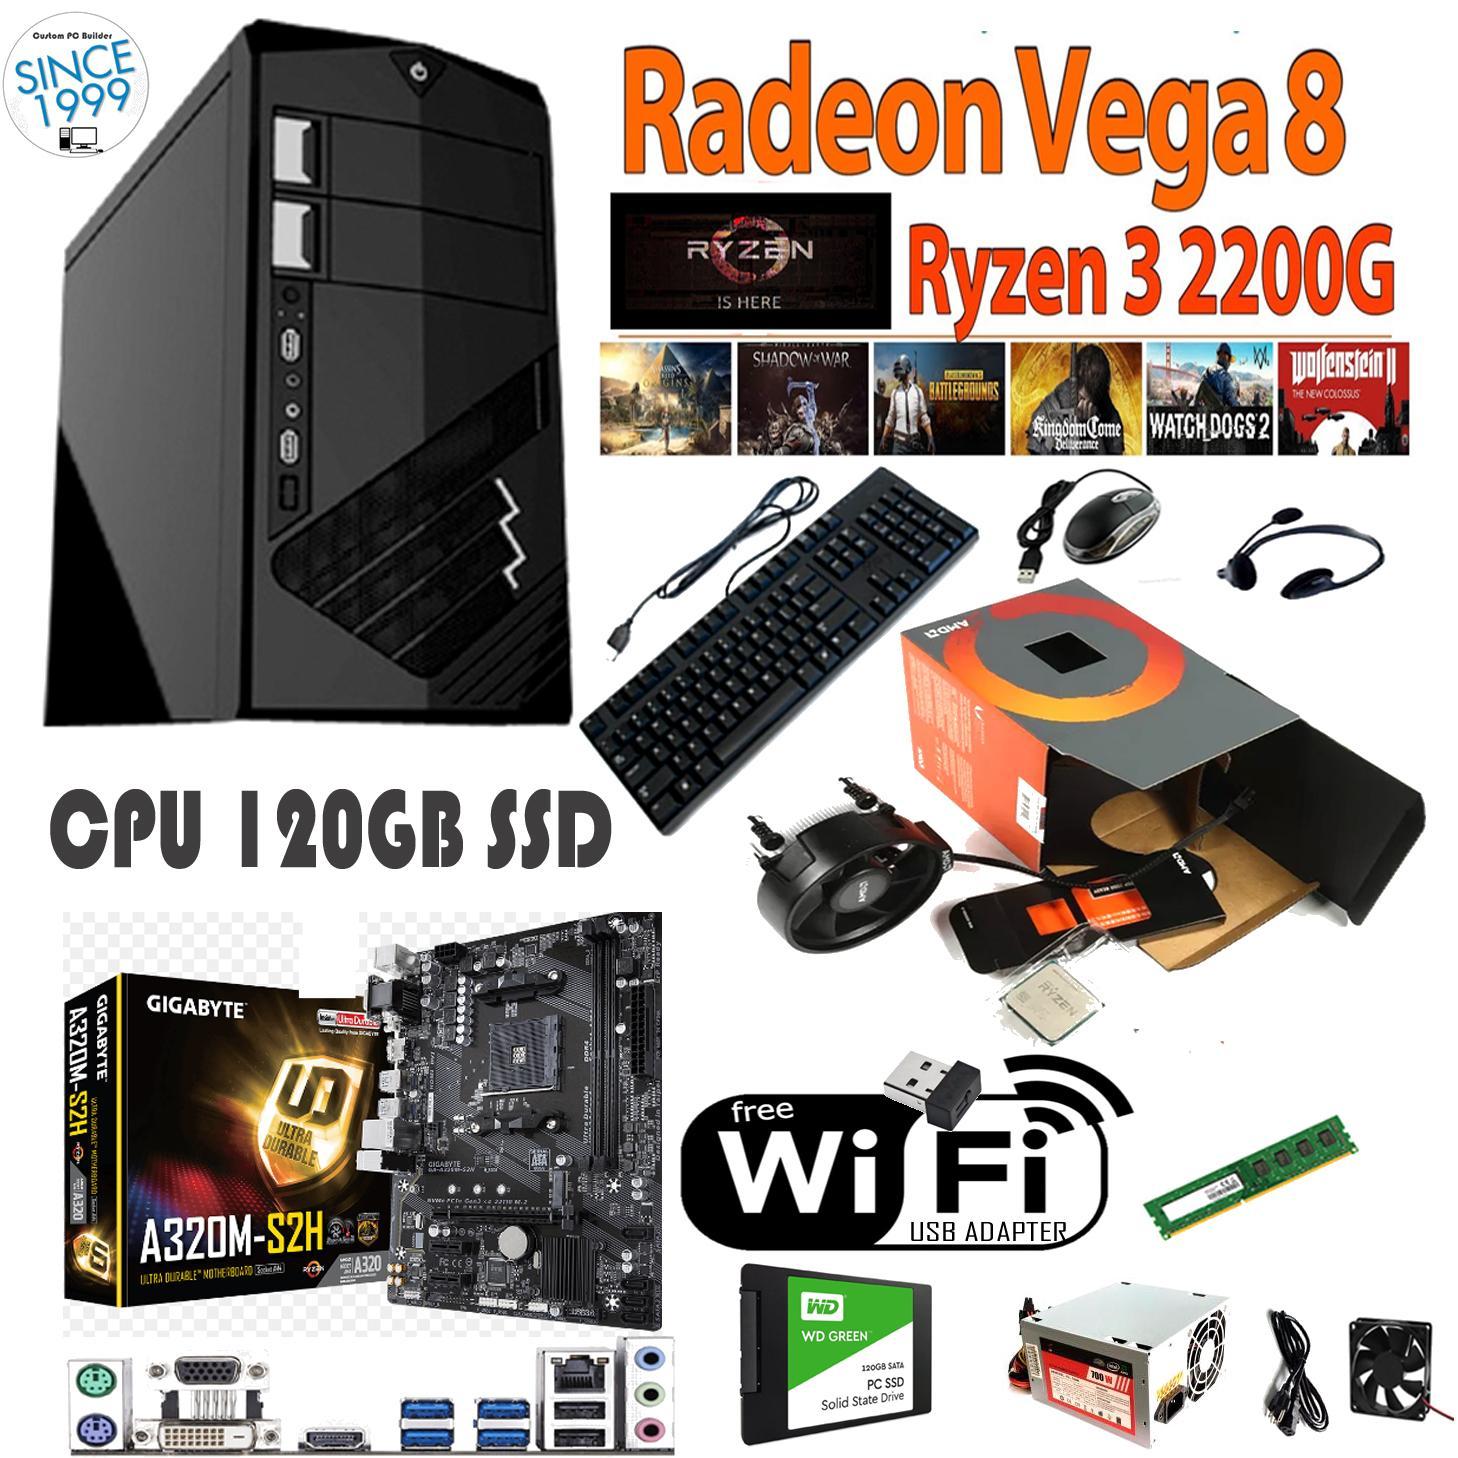 Gigabyte Cpu 120gb Ssd Amd Ryzen 3 2200g Quad Core 3 5 Ghz Apu